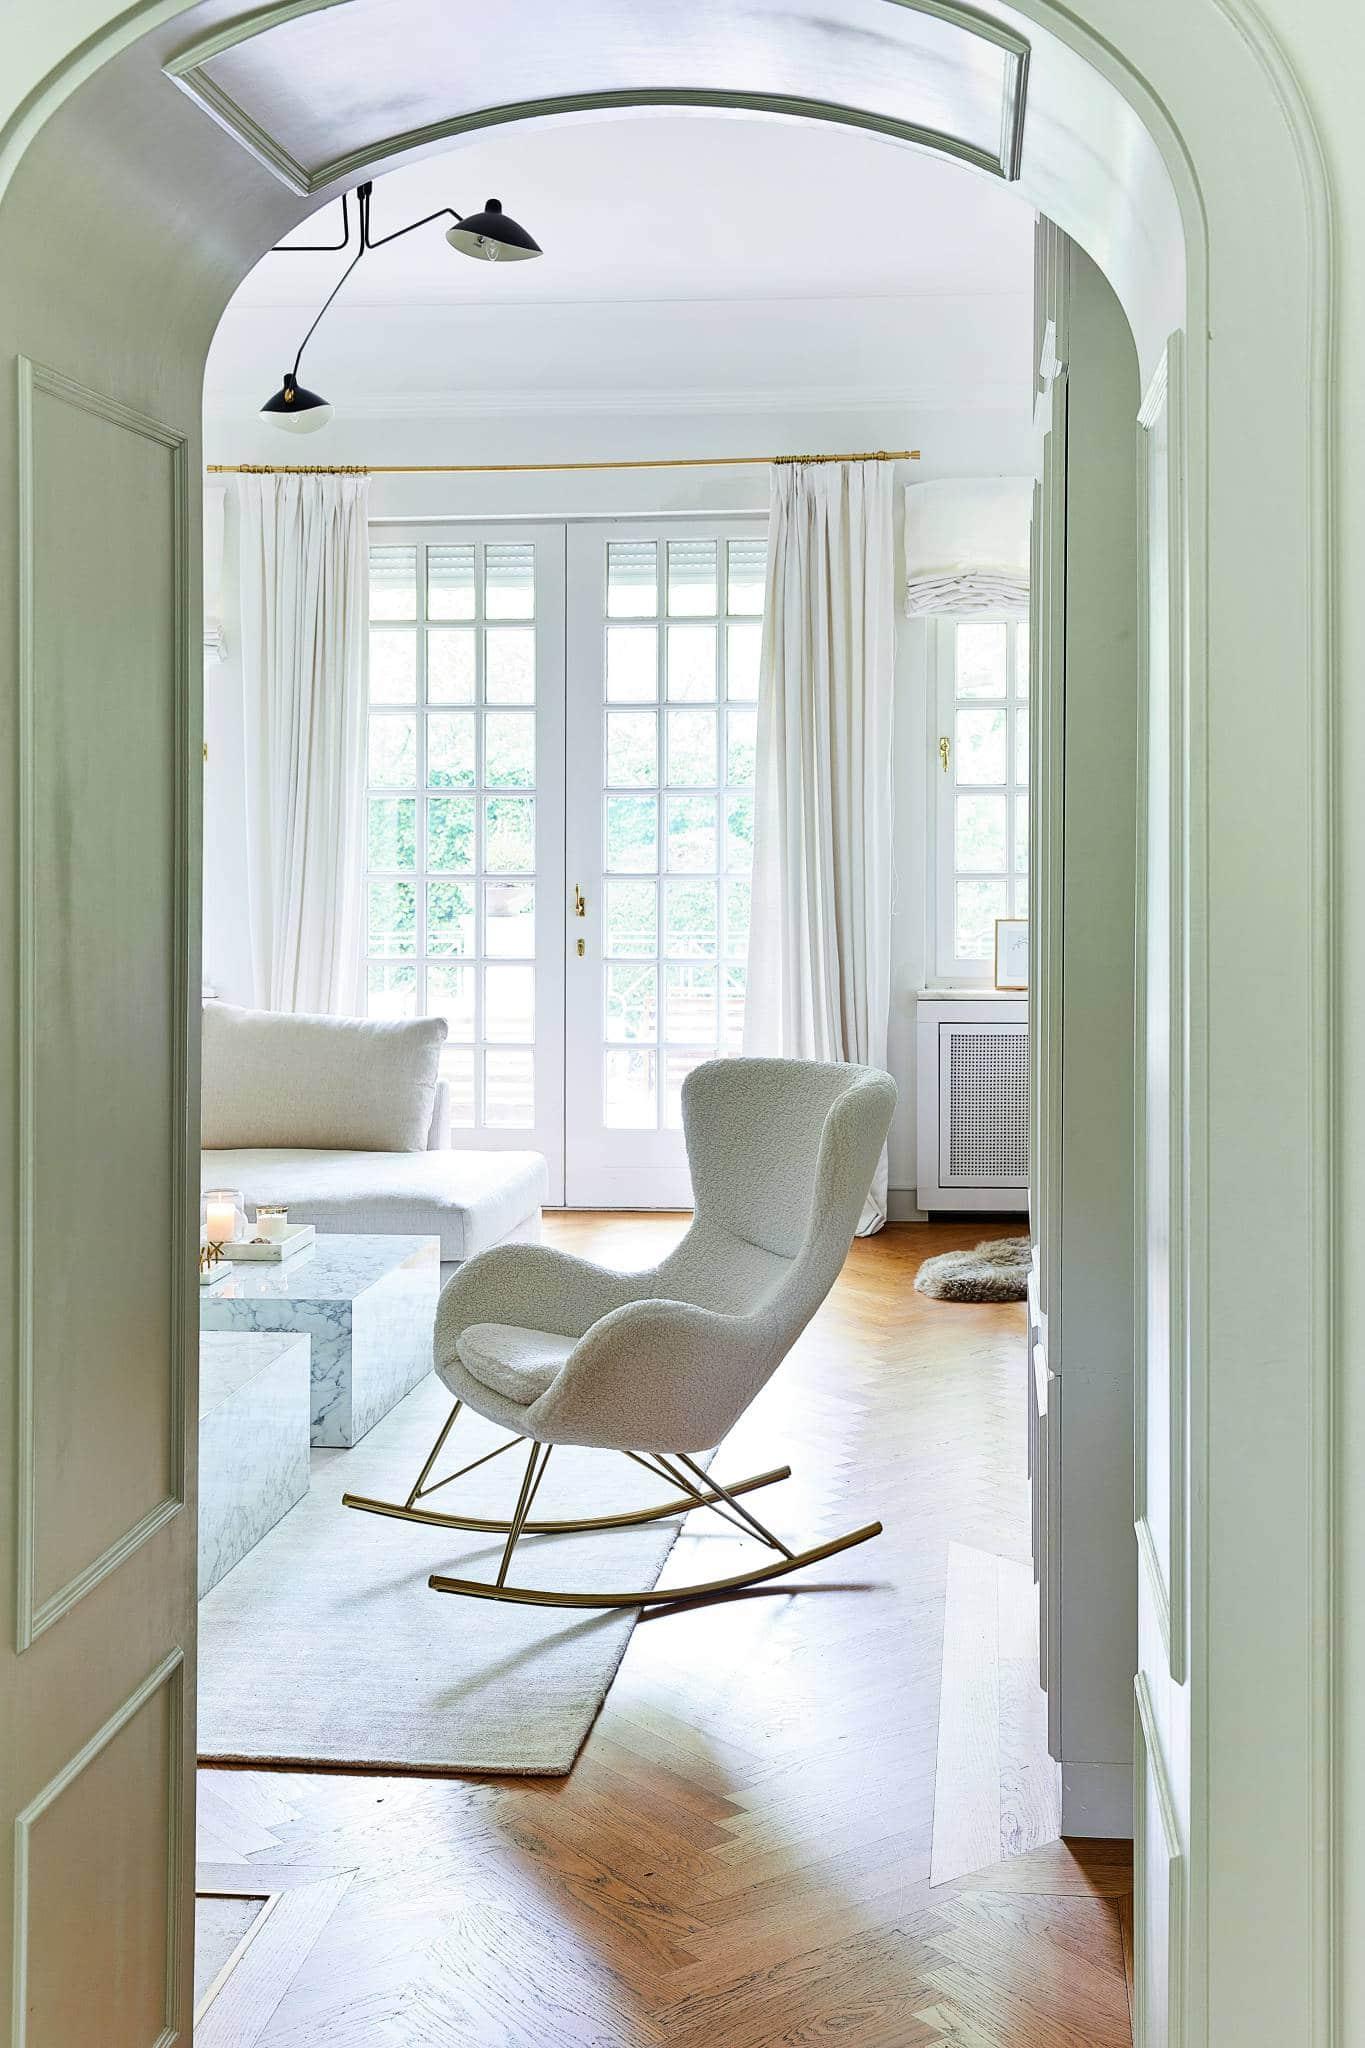 Krzesło bujane Teddy Wing z Westwing Collection obite jest kremowobiałym futerkiem. (Fot. materiały prasowe)